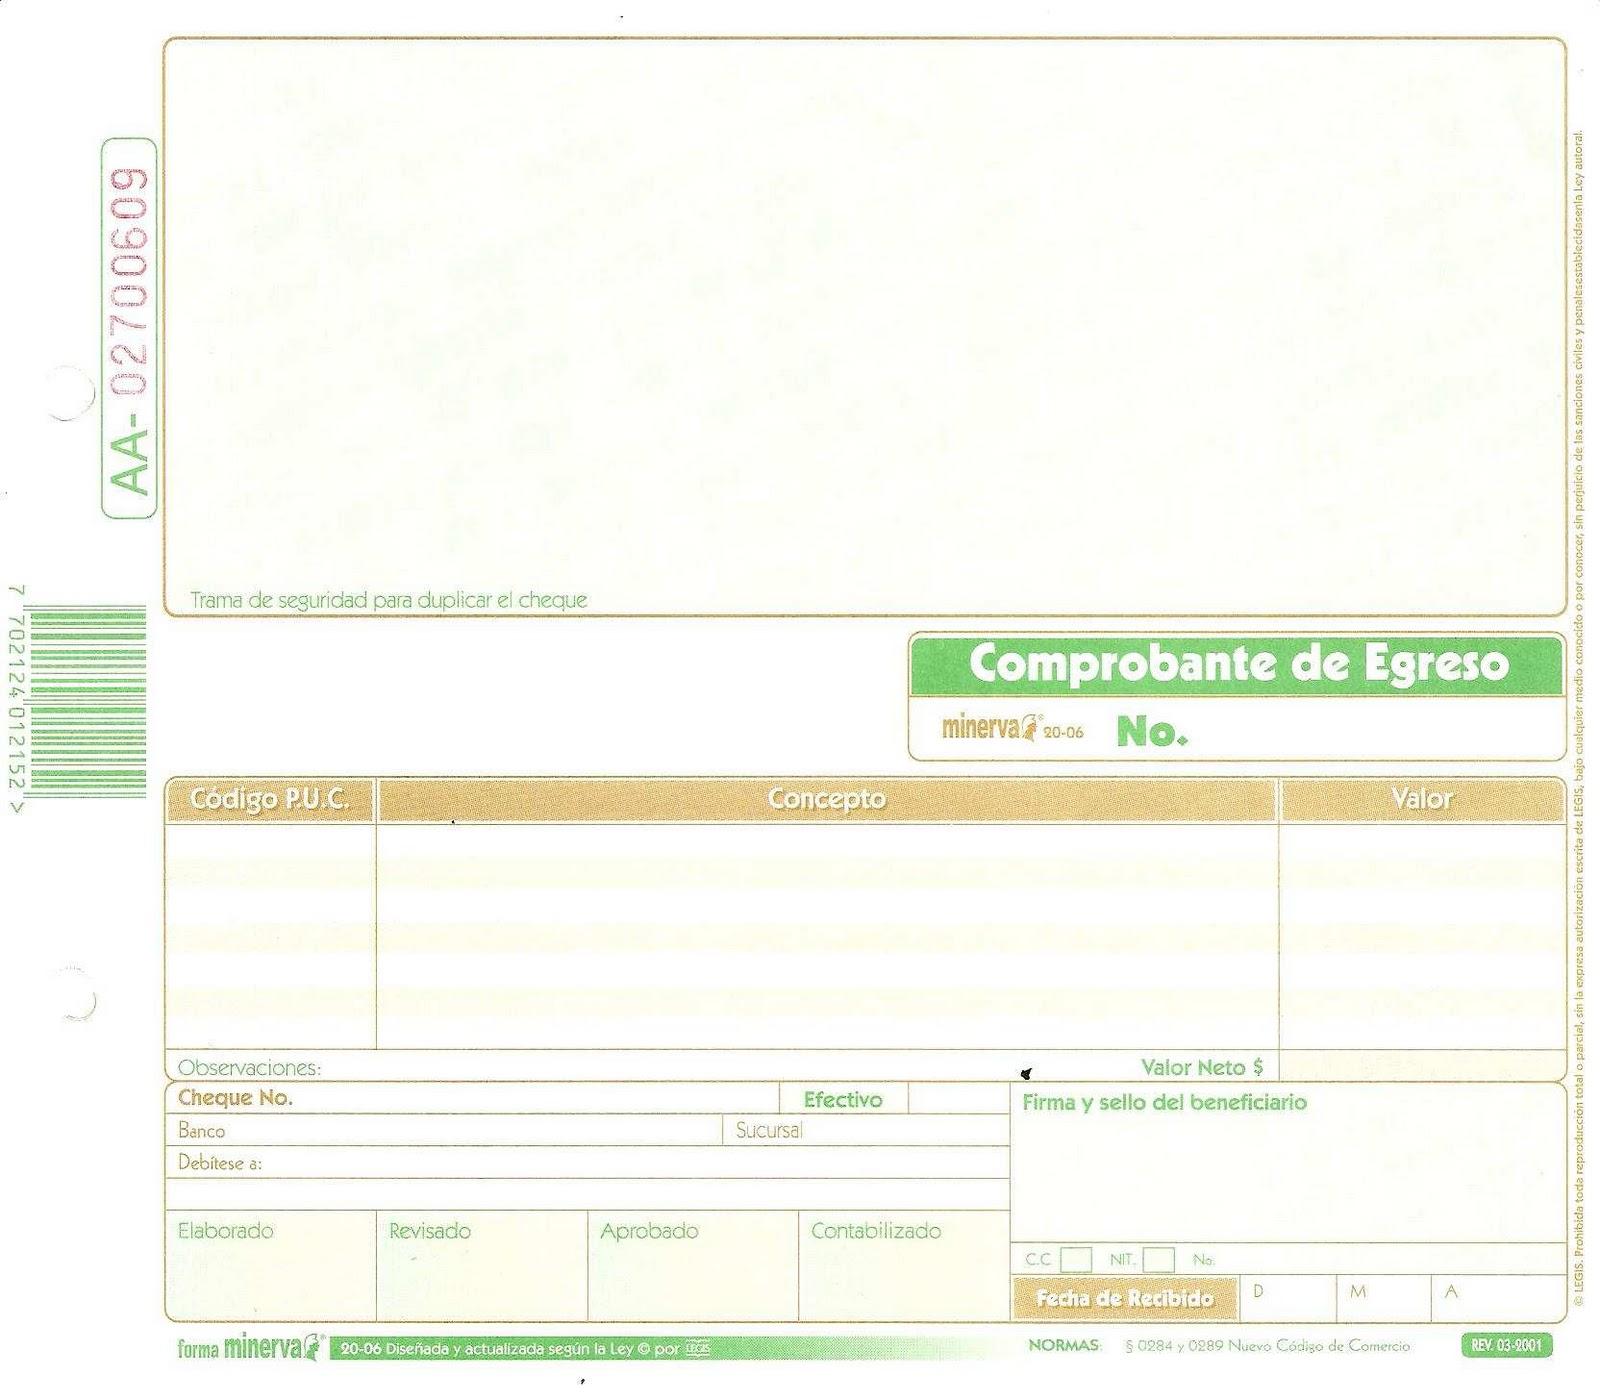 Soportes de Contabilidad: Comprobantes de Egreso (Cheque - Efectivo)